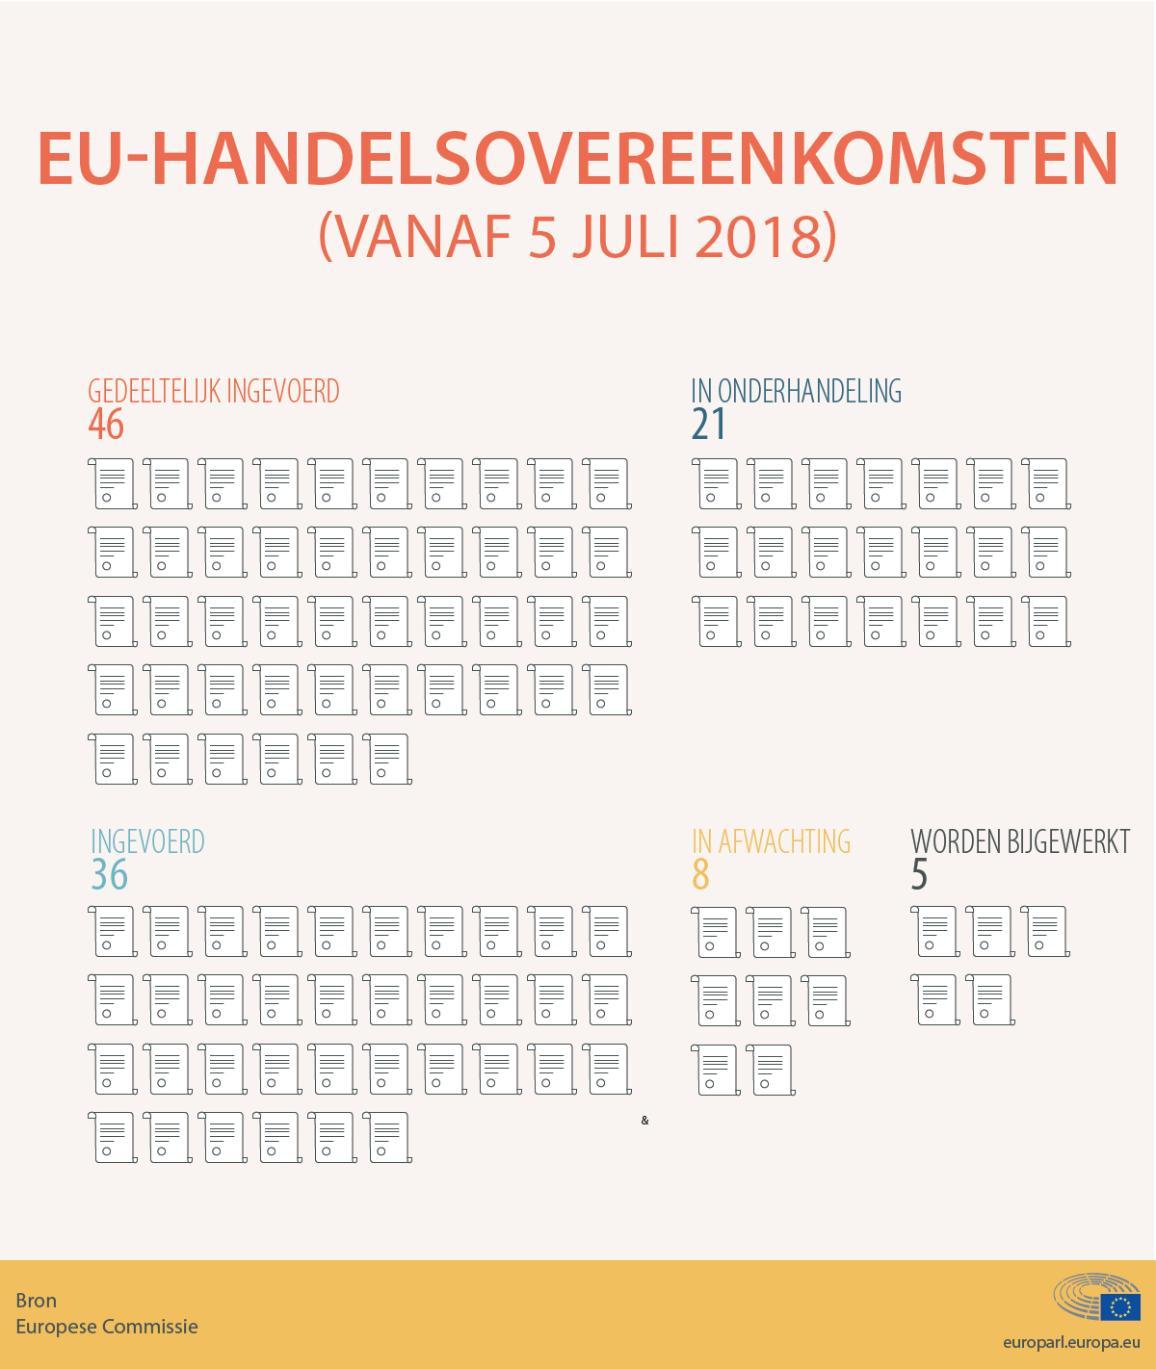 EU-handelsovereenkomsten